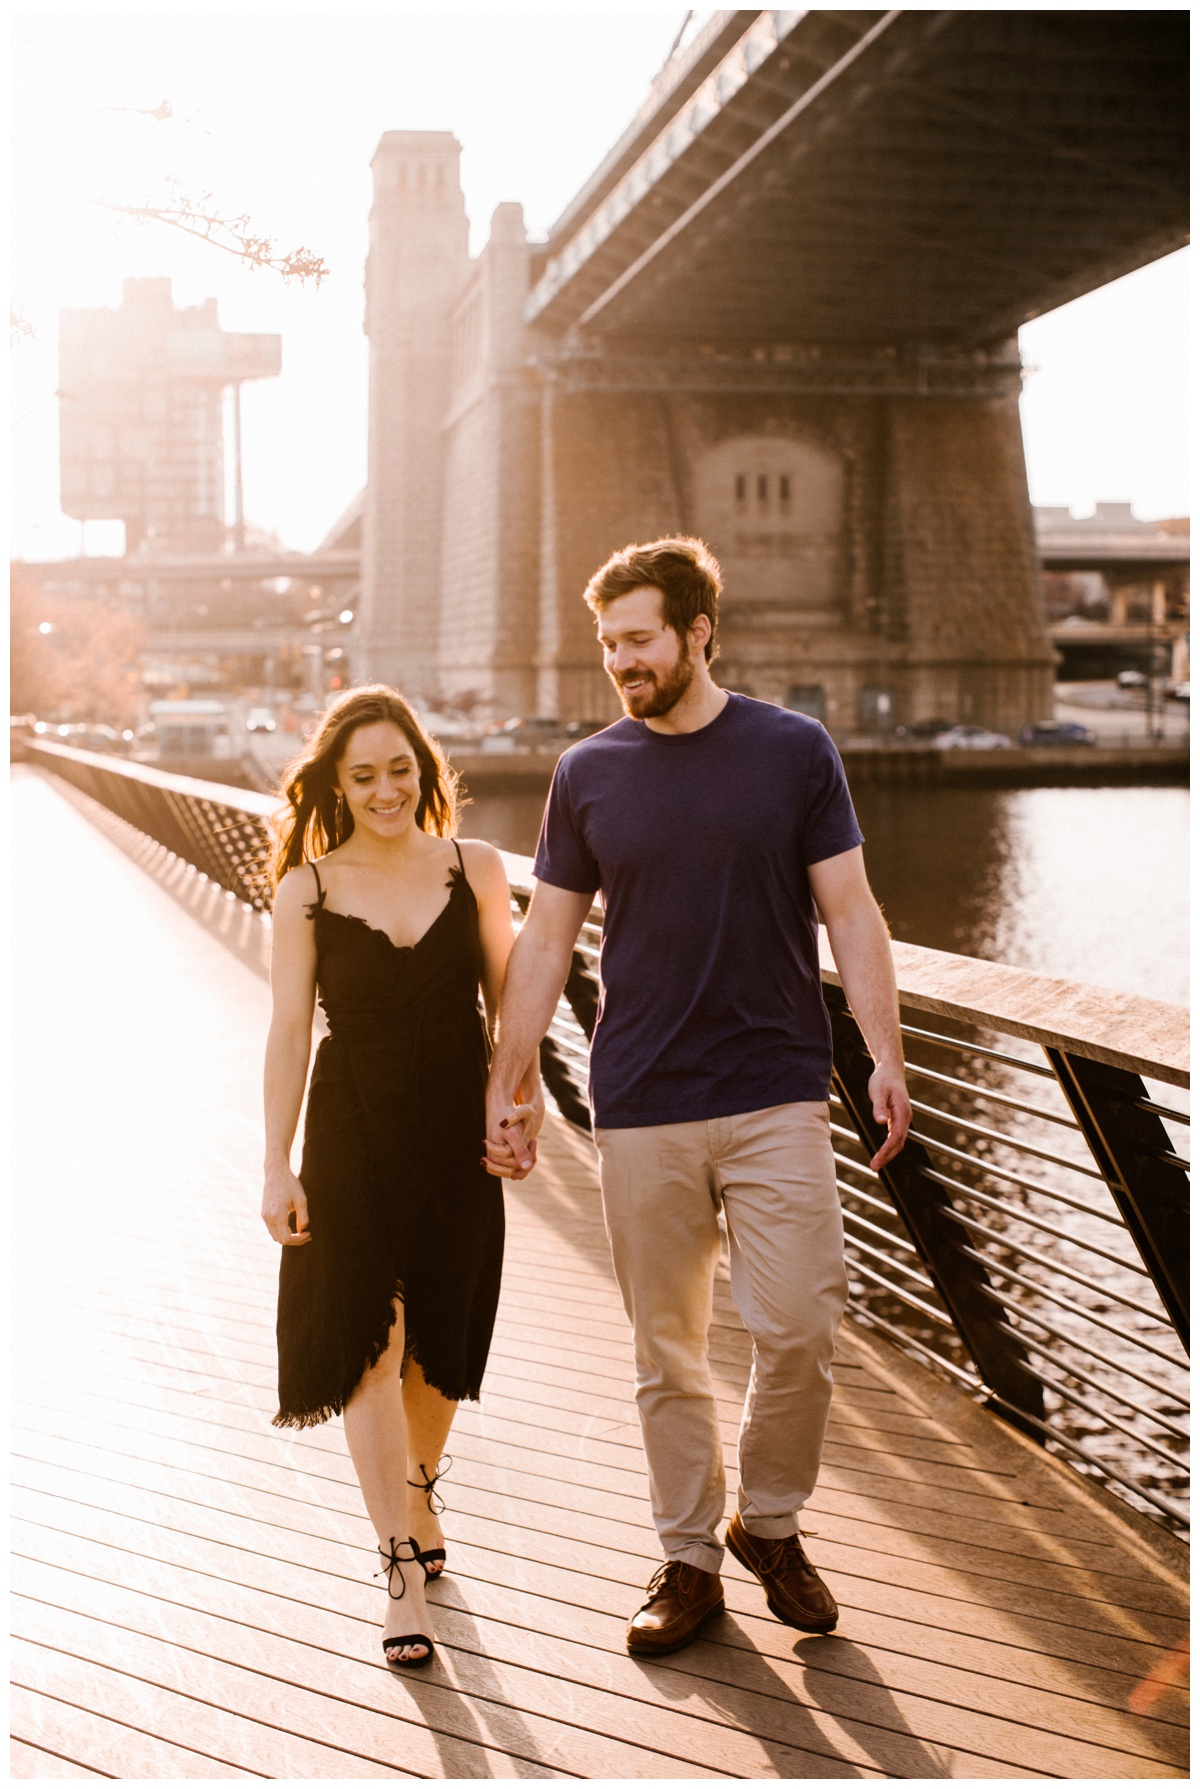 2017-05-30_0022 Megan and Steven - Philadelphia Engagement